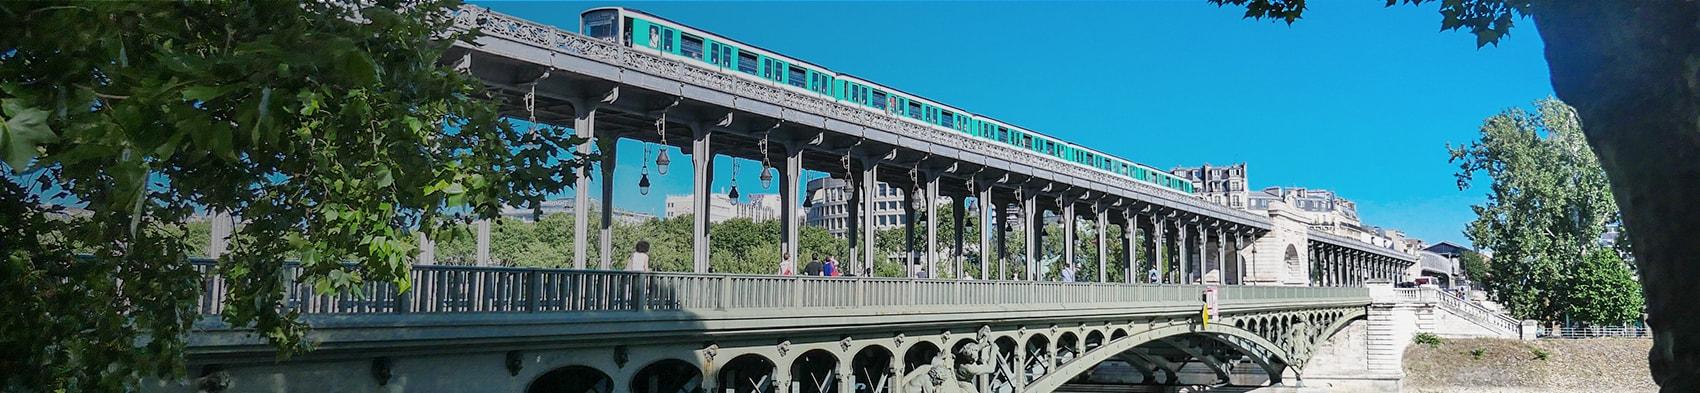 Paris Aeroport Buy Online Services Paris Public Transport